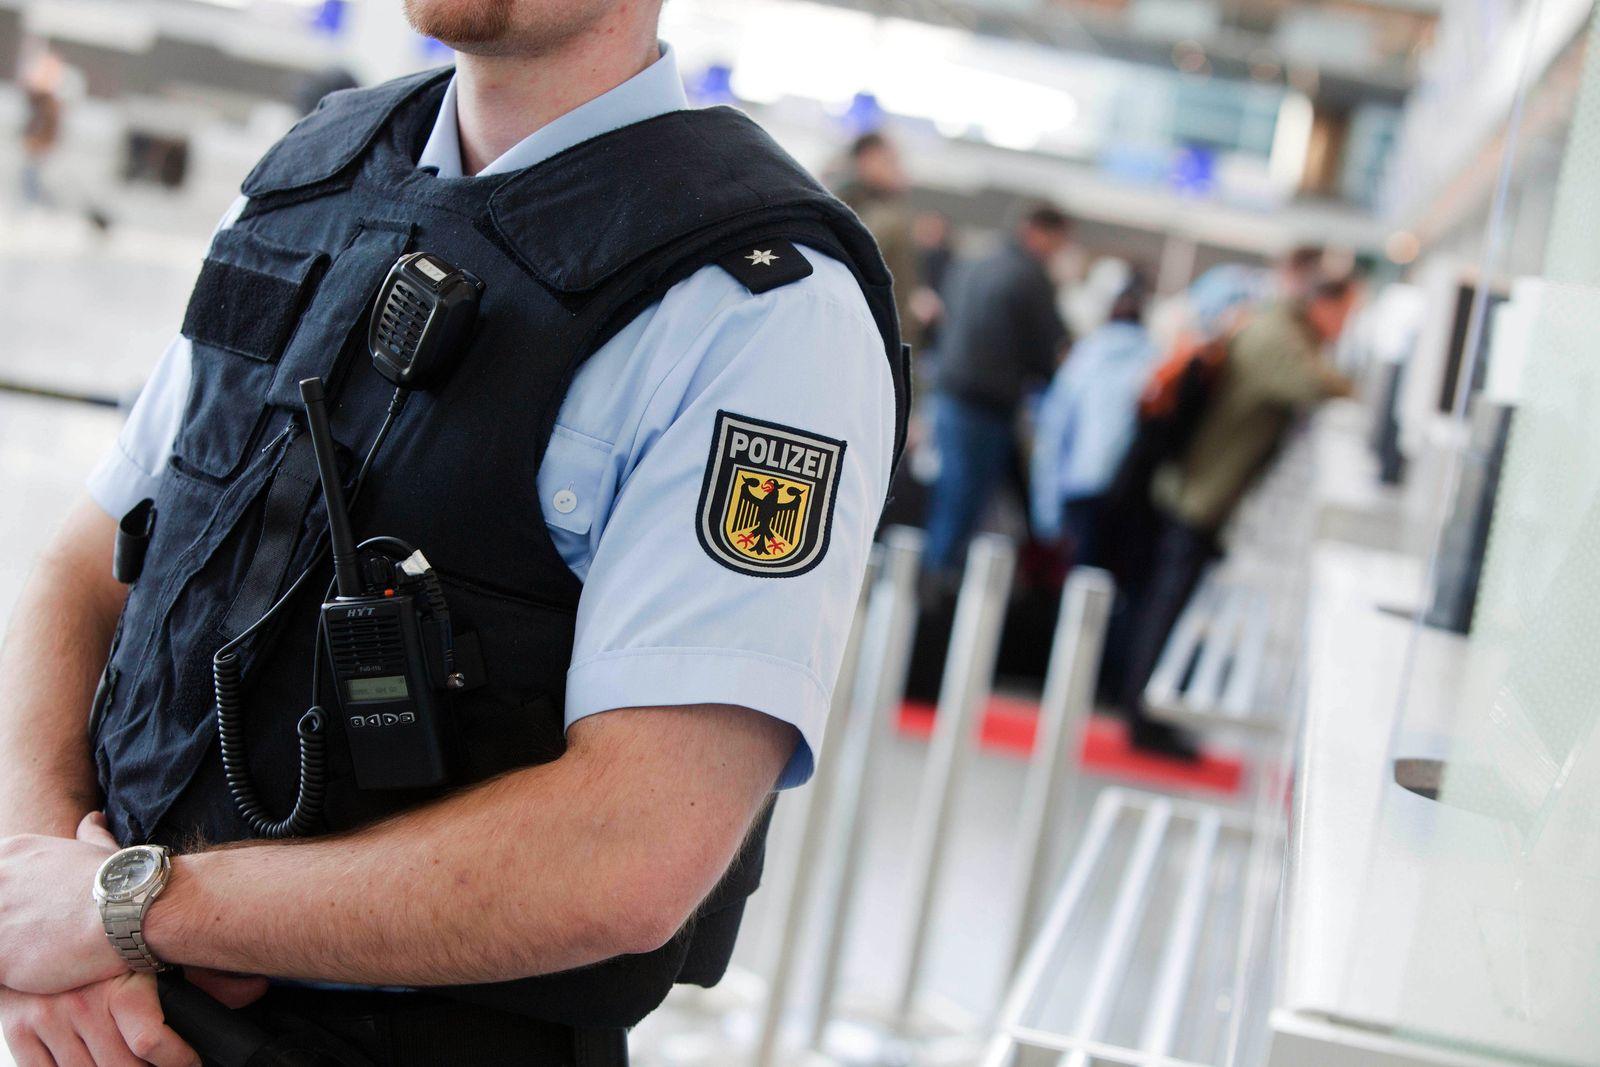 Polizist / FFM / Frankfurt / Flughafen